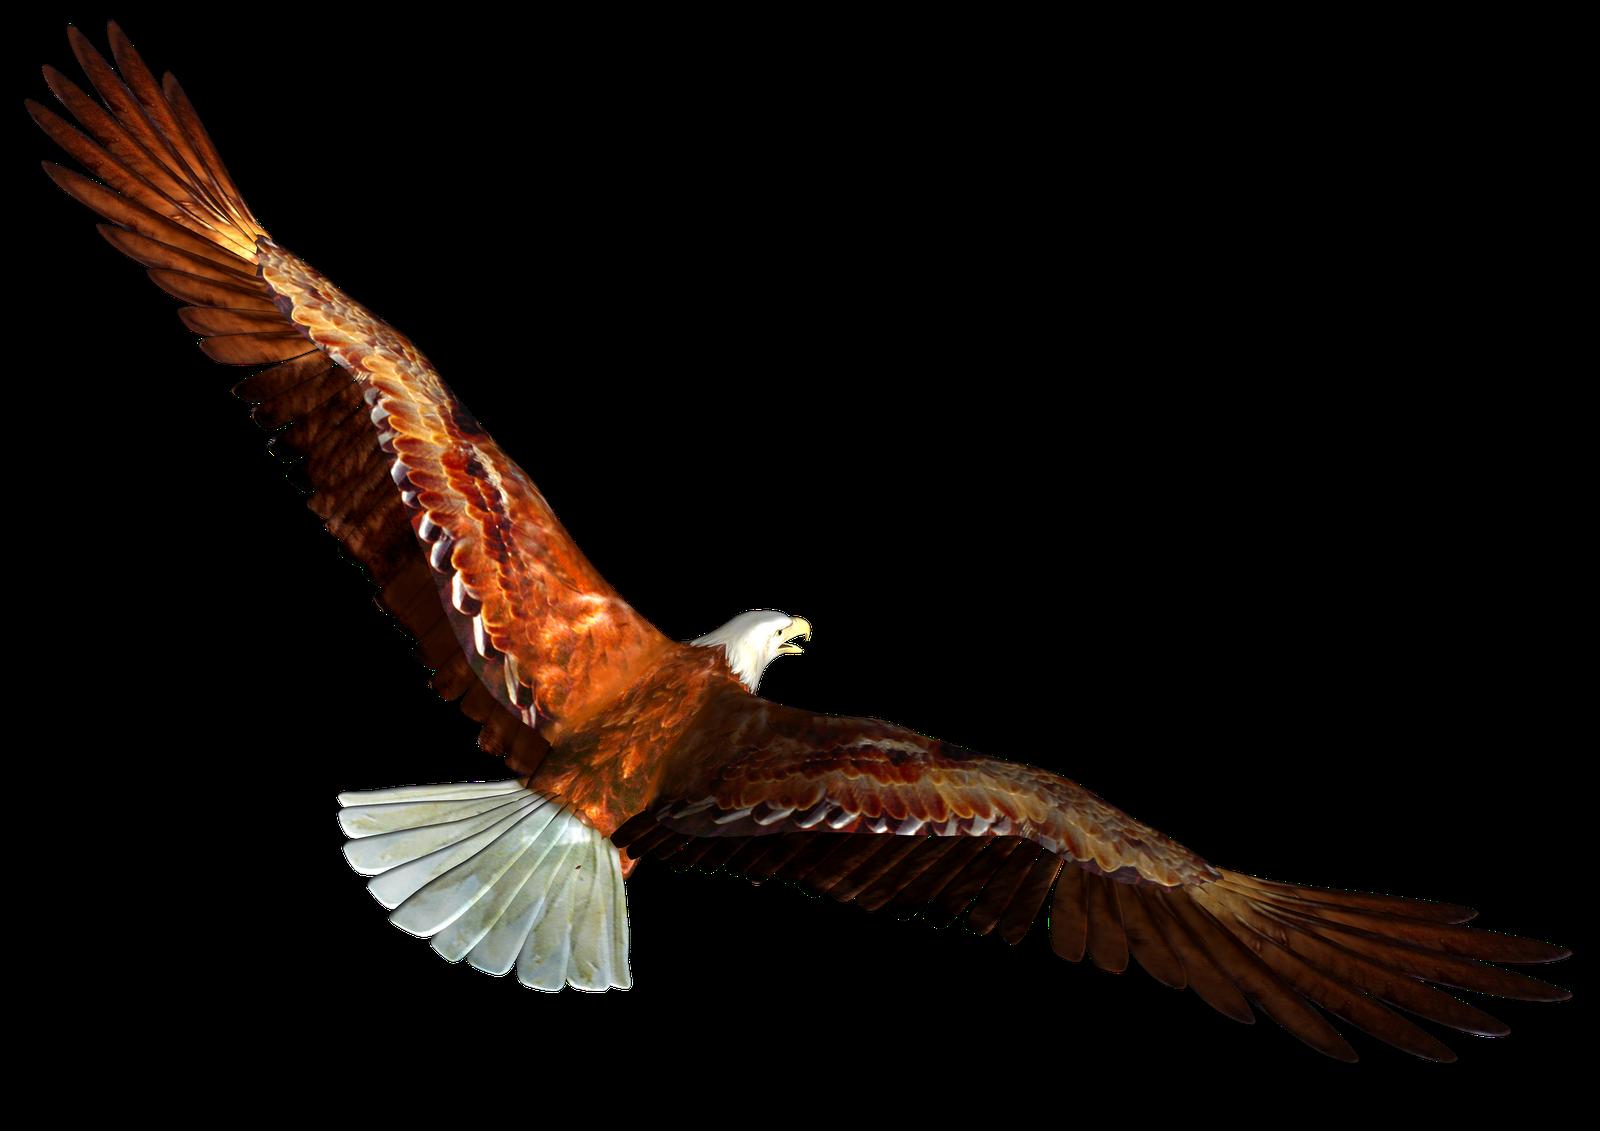 1600x1131 Free Eagle Clipart Image